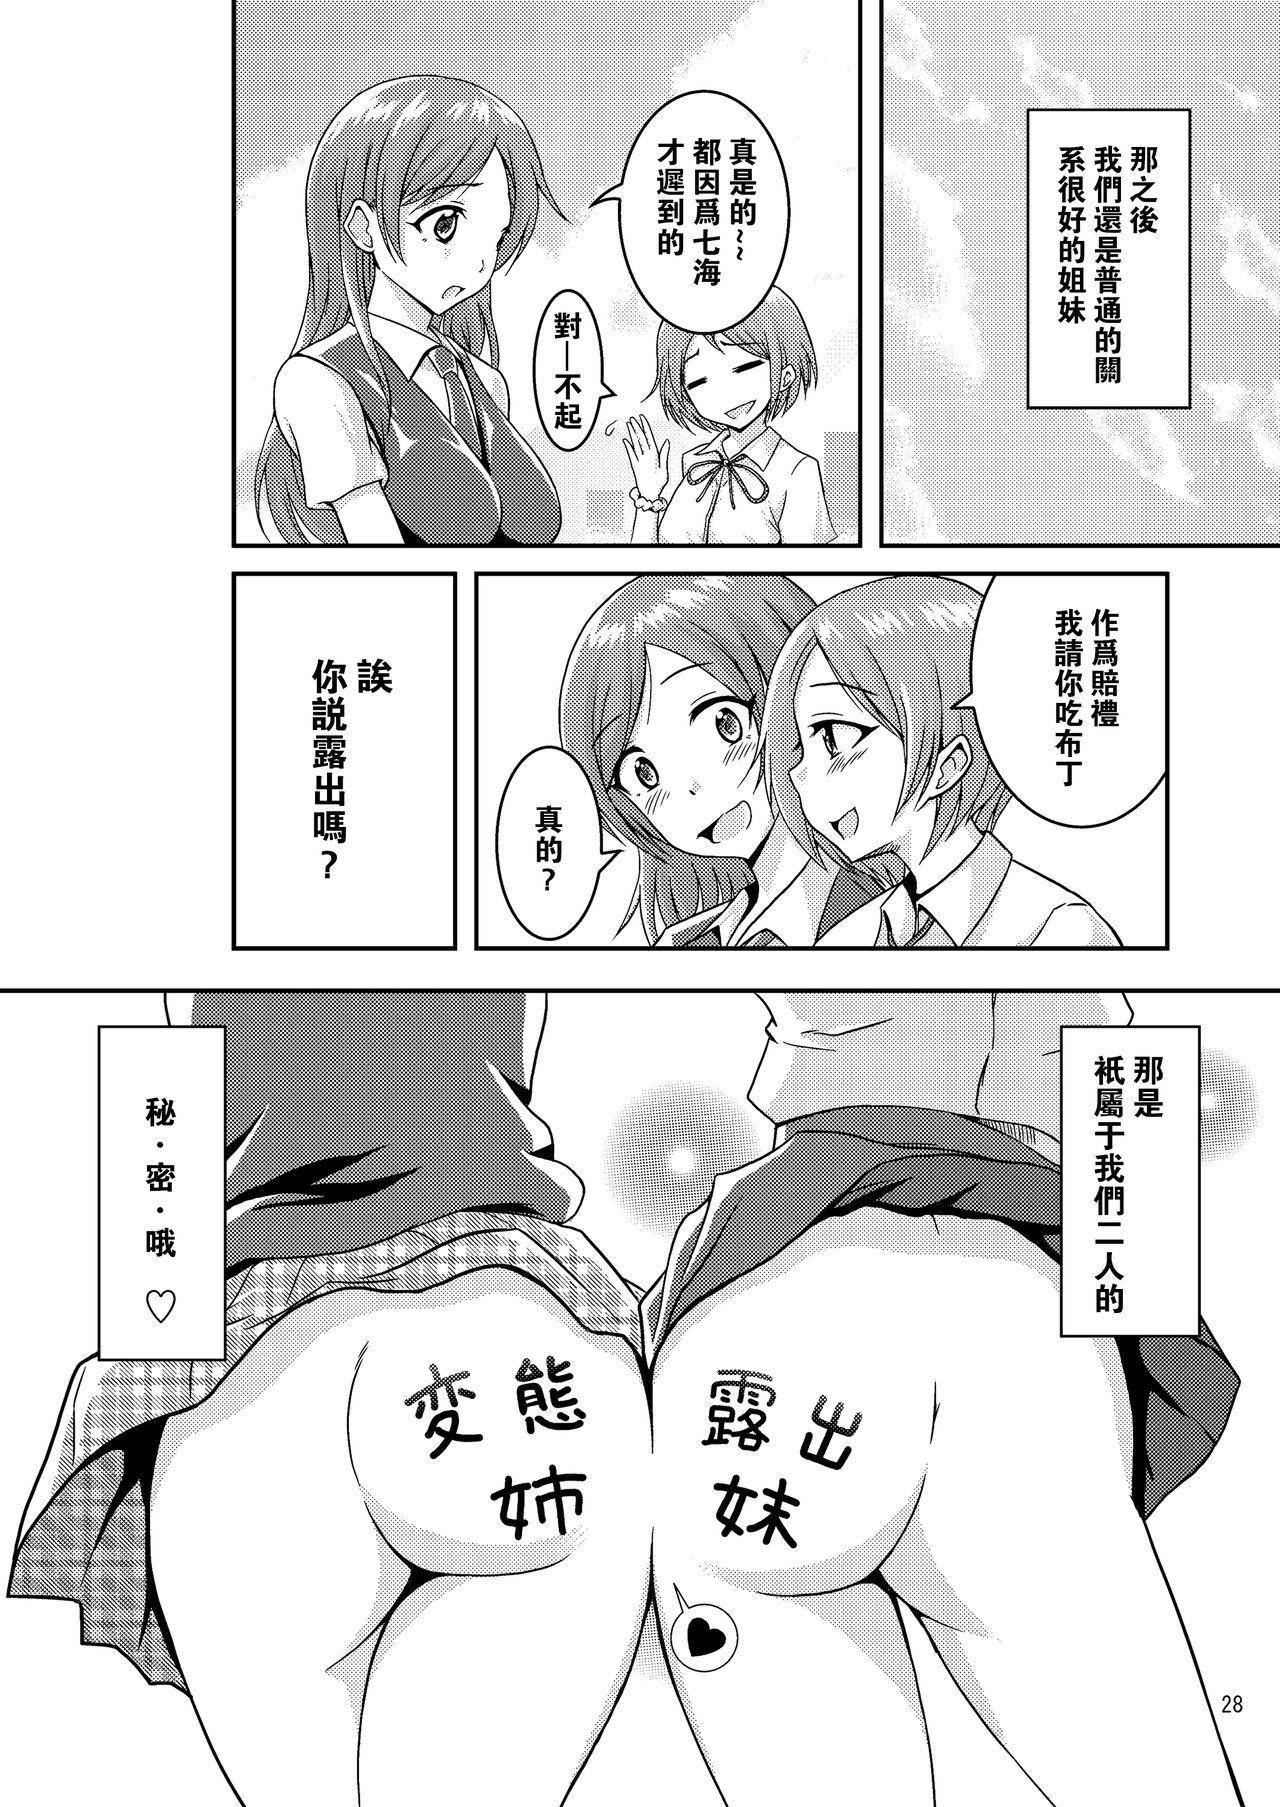 Hentai Roshutsu Shimai 29